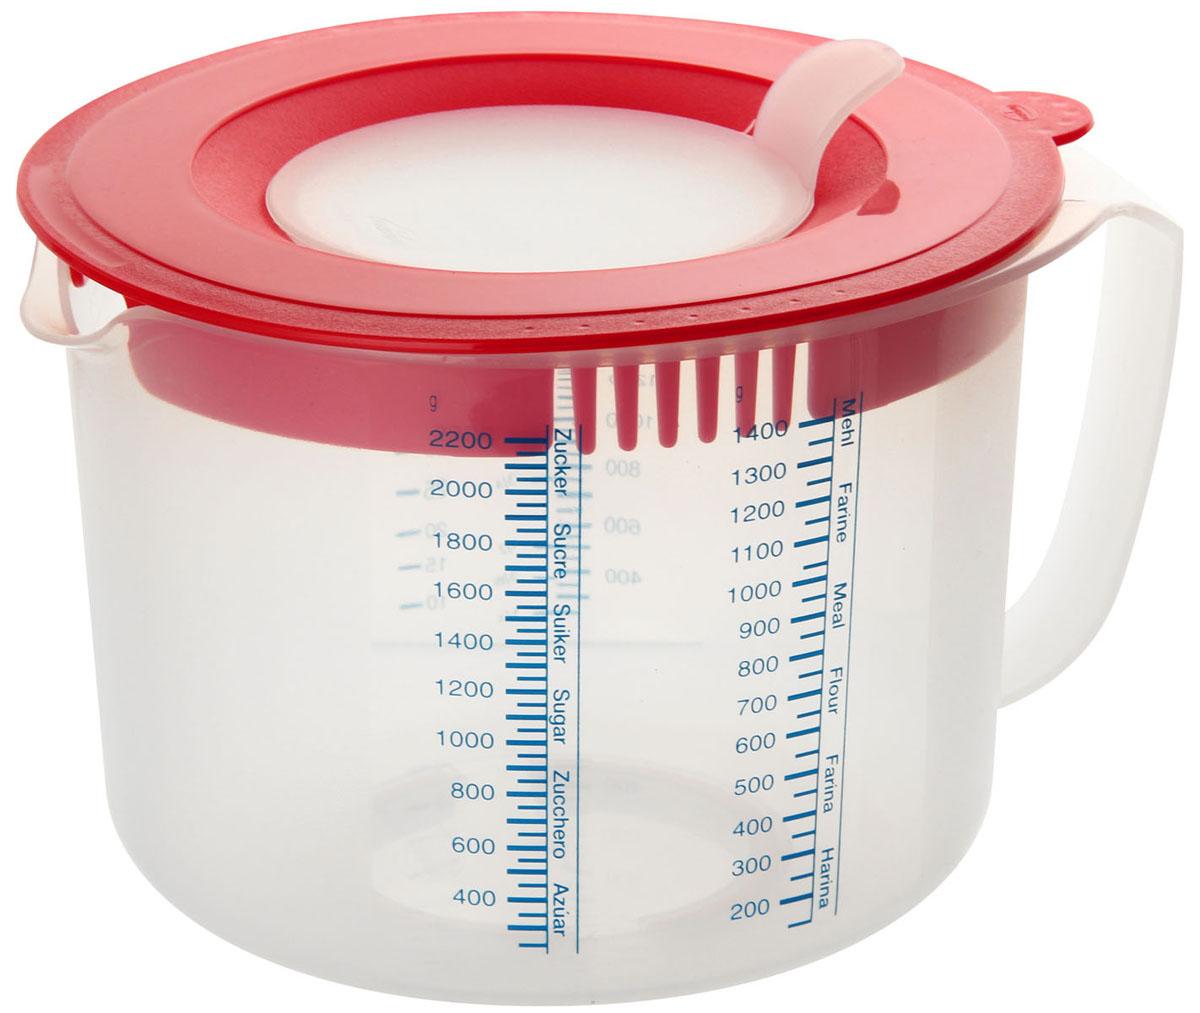 Мерный кувшин Dr.Oetker, с крышкой от брызг, 2,2 л300196Мерный кувшин Dr.Oetker изготовлен из высококачественного прочного пищевого пластика. Кувшин позволяет измерять объем жидкости, а также вес сахара и муки. Шкала жидкости представлена в миллилитрах, литрах, жидких унциях, чашках и пинтах. Шкала для сахара и муки представлена в граммах. Кувшин оснащен носиком для удобного слива, а также ручкой. Специальная плотно закрывающаяся крышка со съемным отверстием посередине позволяет взбивать смесь миксером прямо в кувшине, при этом, не запачкав ничего вокруг. Такой мерной кувшин придется по душе каждой хозяйке и станет незаменимым аксессуаром на кухне. Можно мыть в посудомоечной машине.